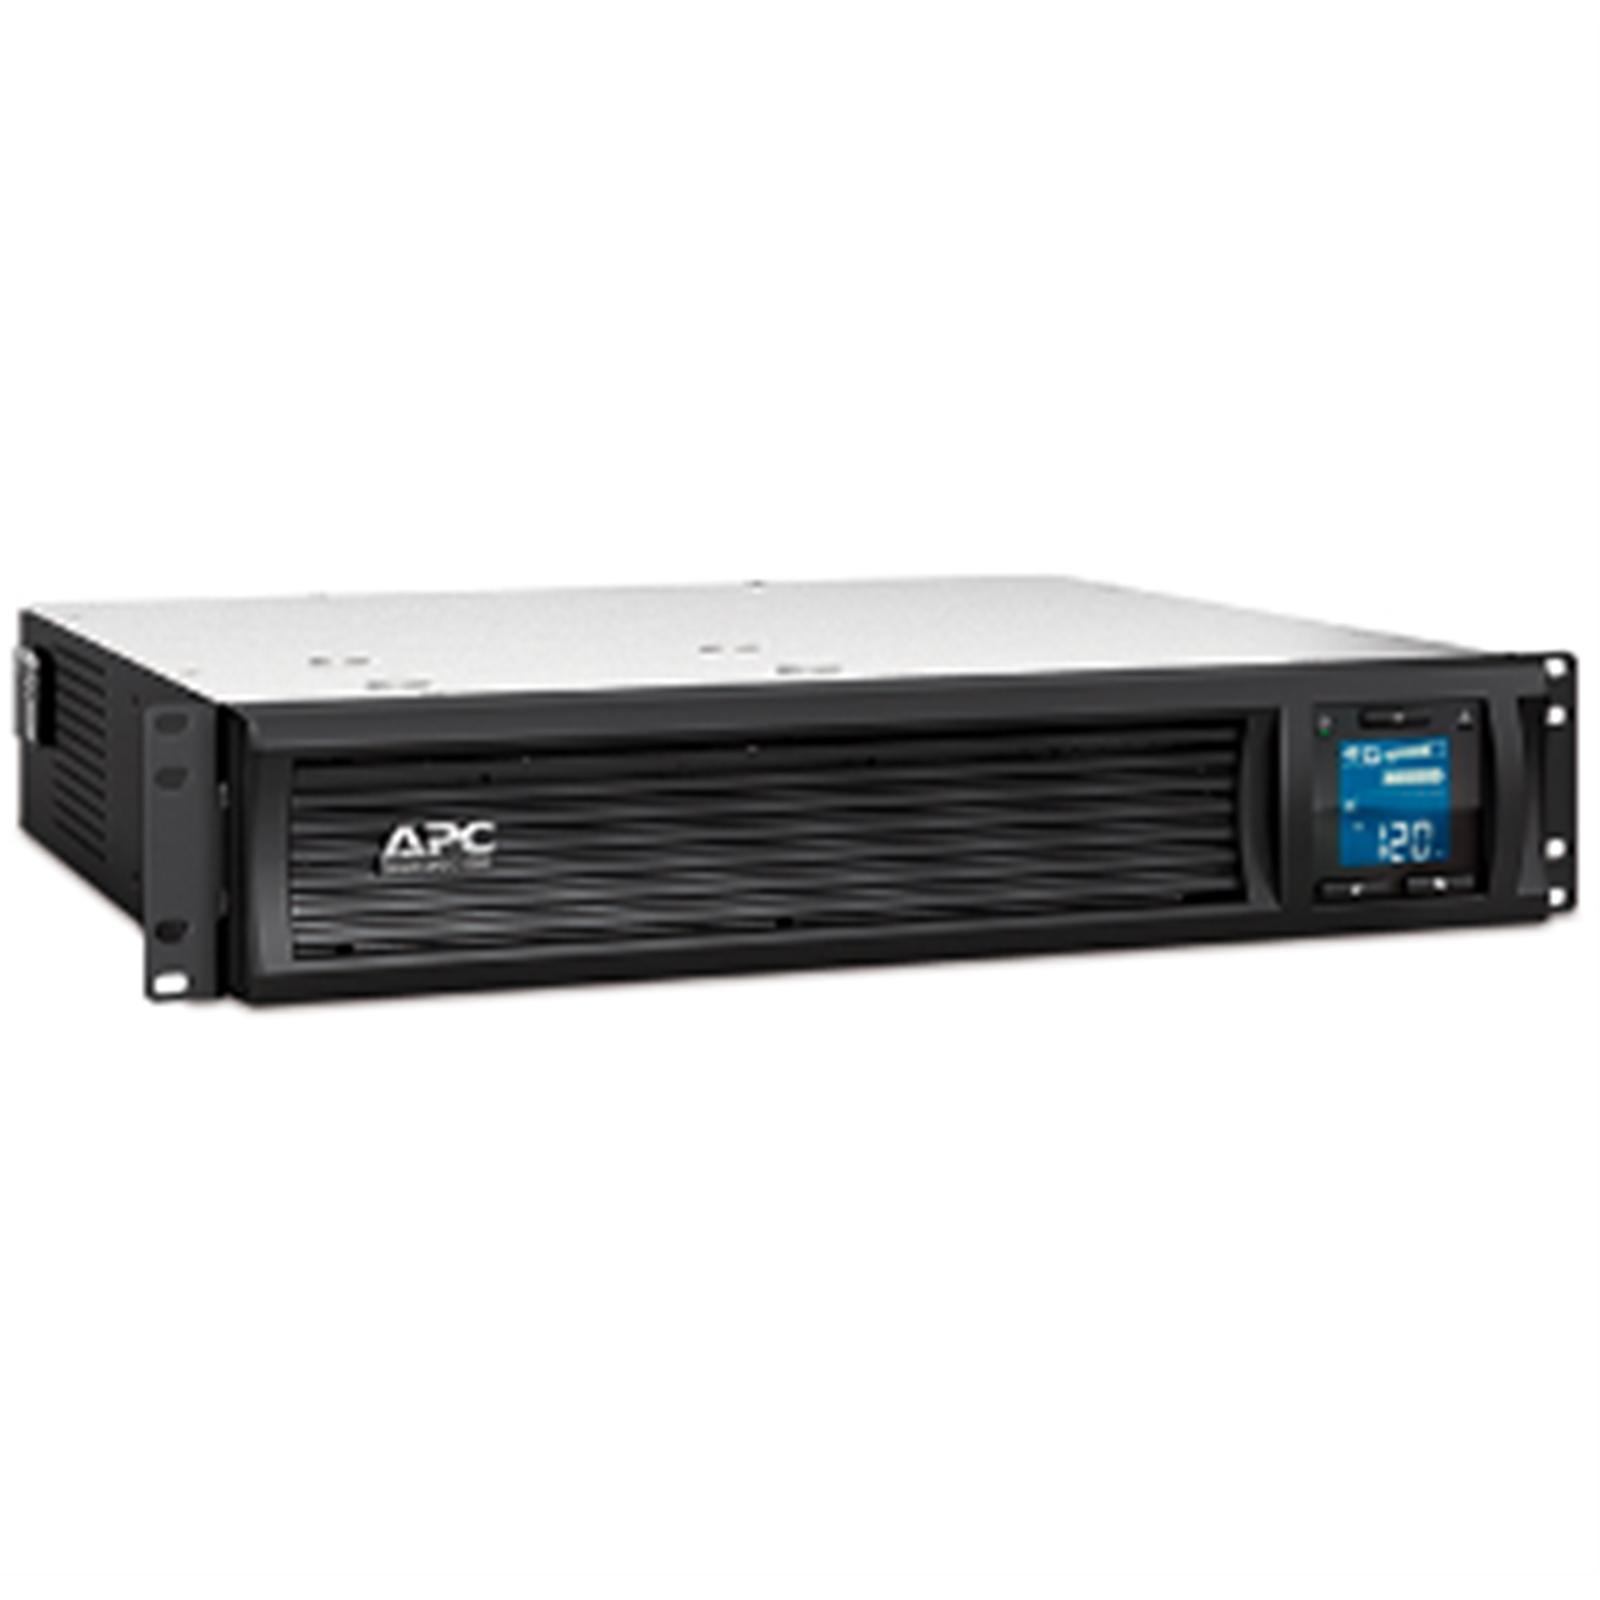 Apc Rack Ups Smc1500i 2u Servers Plus